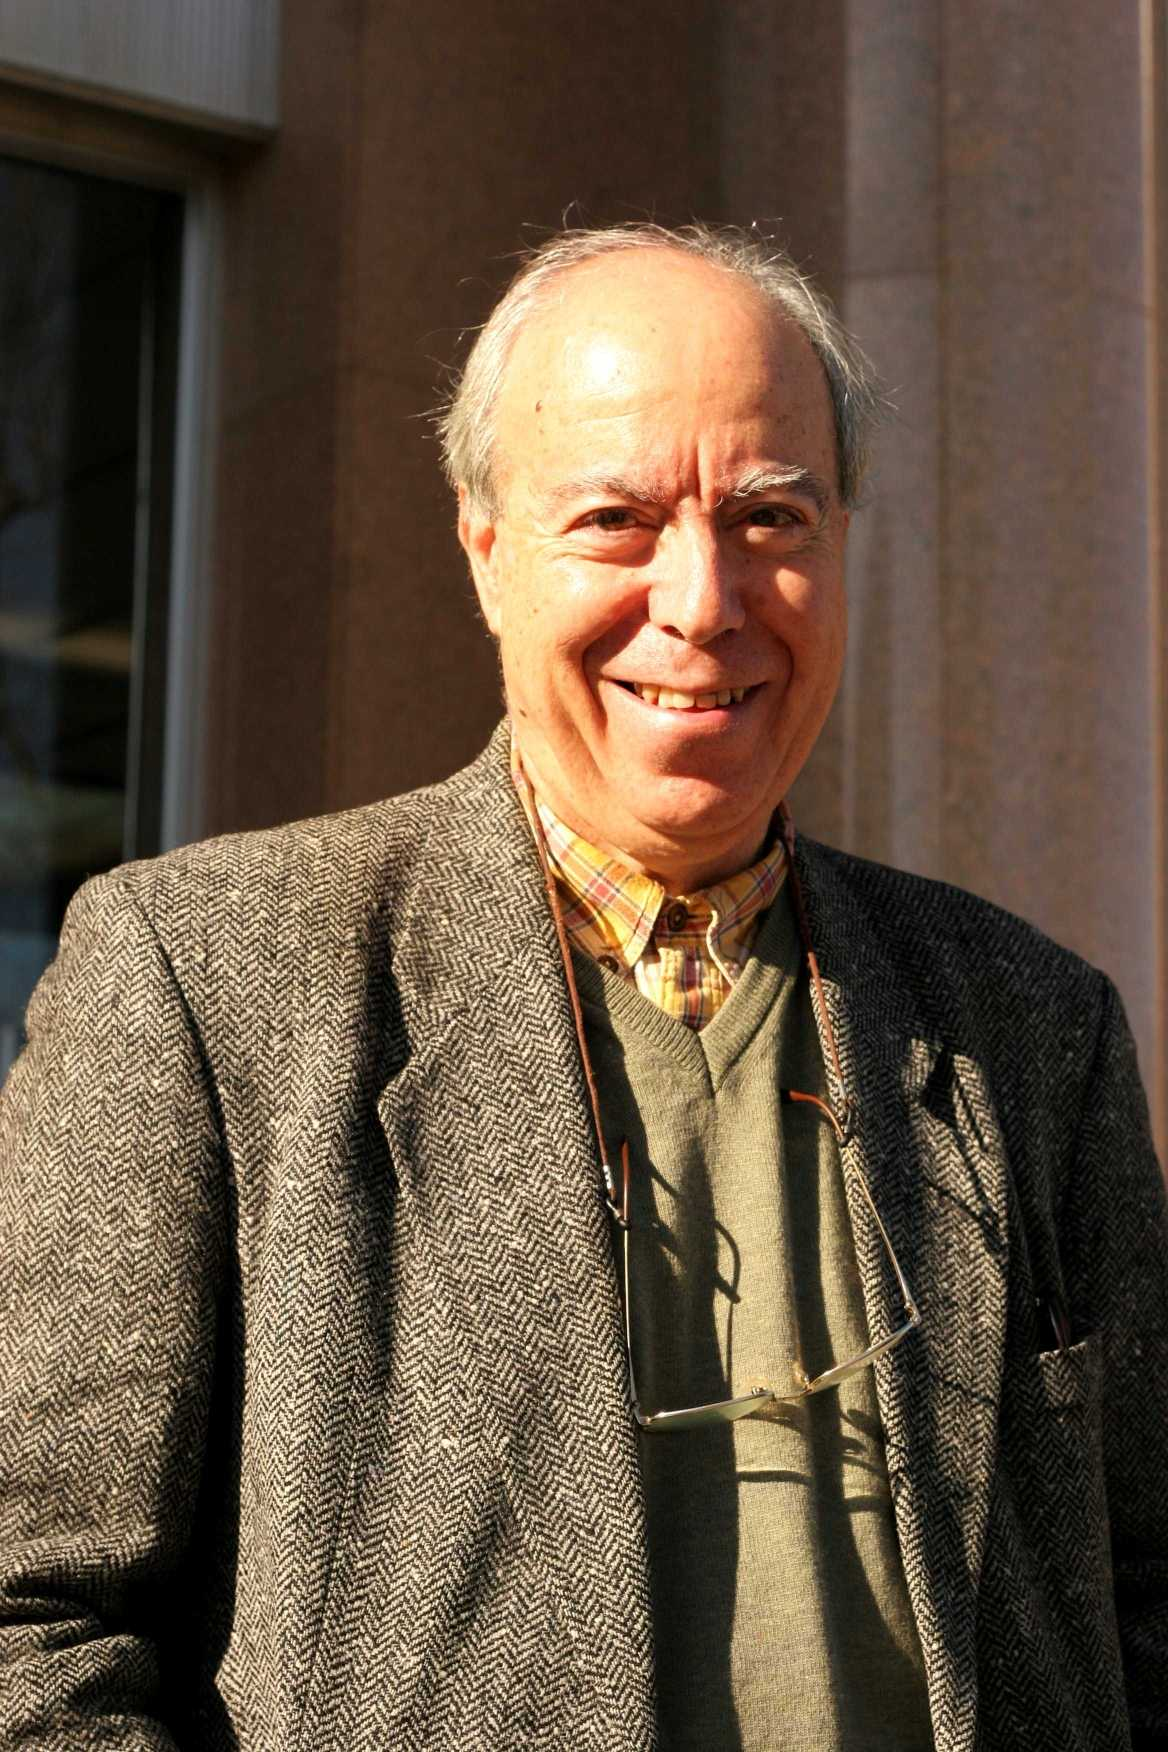 João Freire fotografiat per Ana Rita Brito (2011)